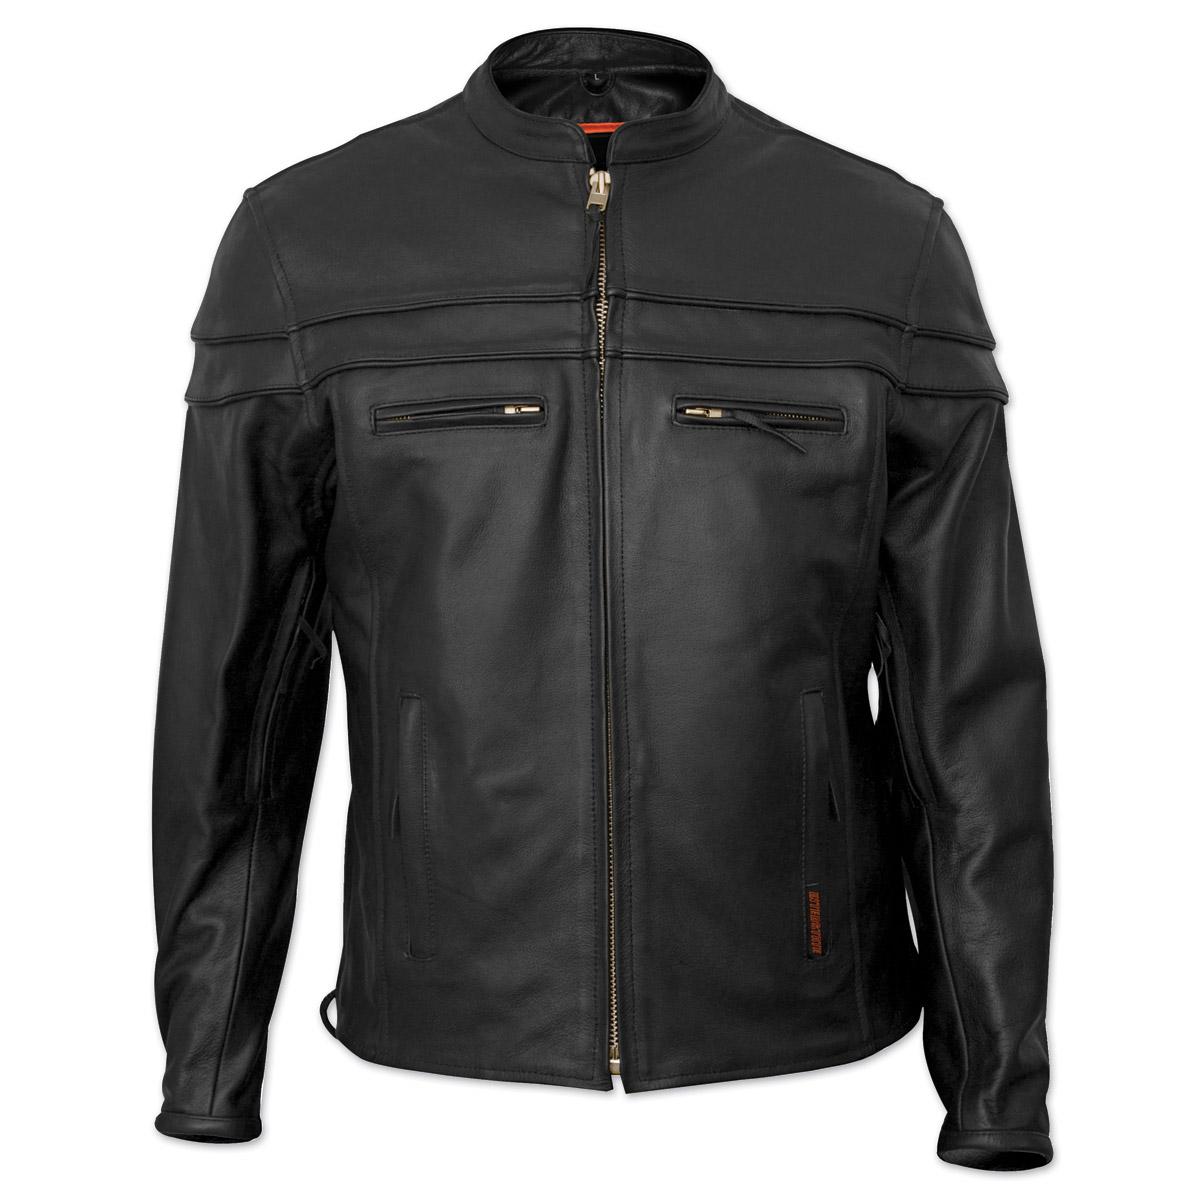 Interstate Leather Men's Rebel Black Leather Jacket